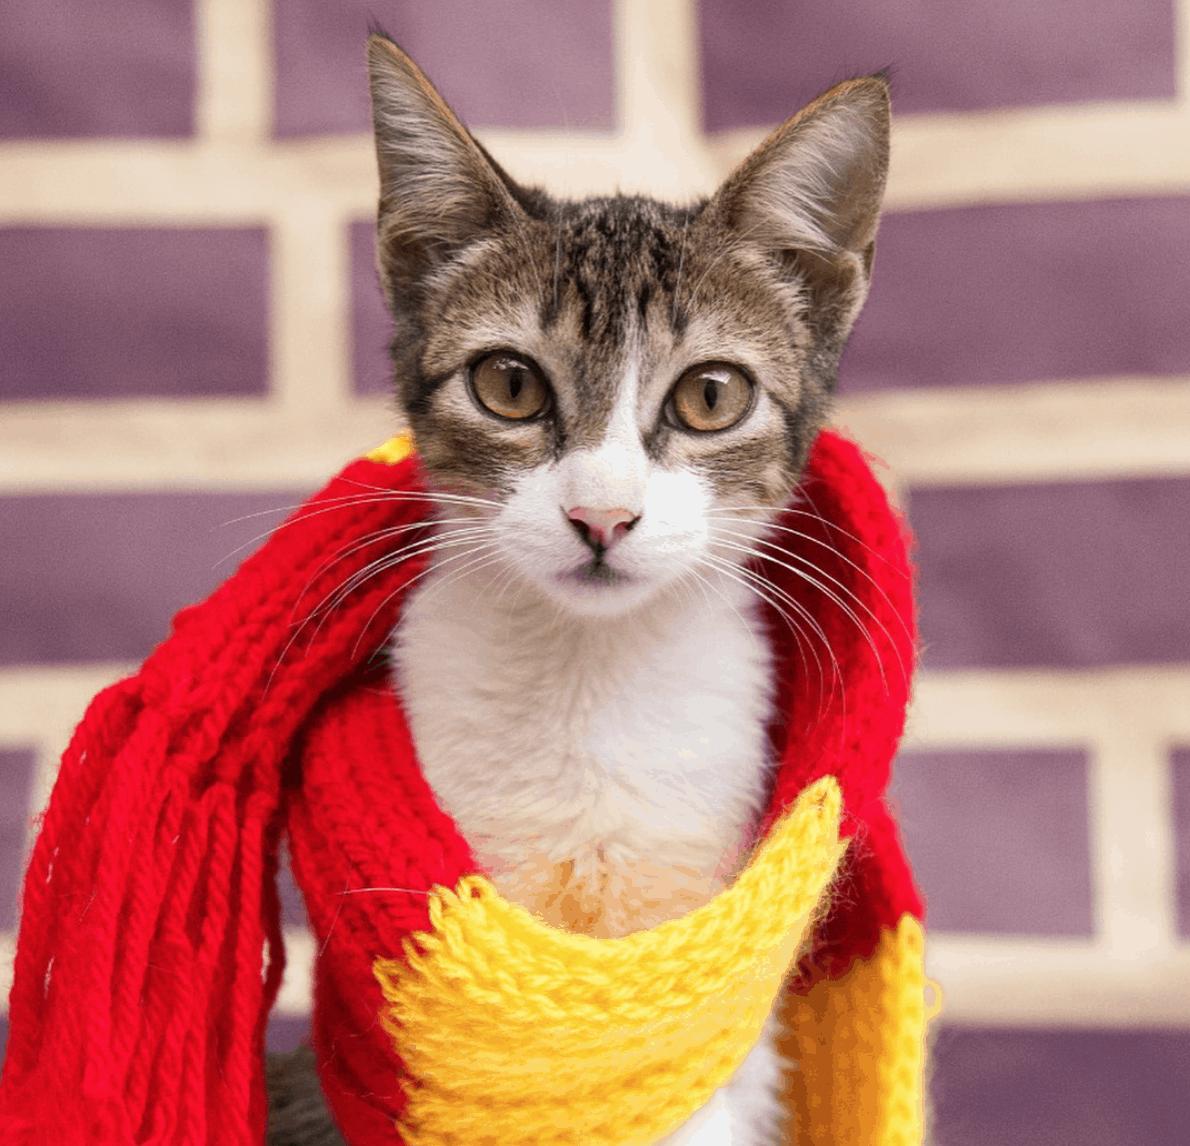 Abrigo em Belo Horizonte seleciona animais para casas de Hogwarts